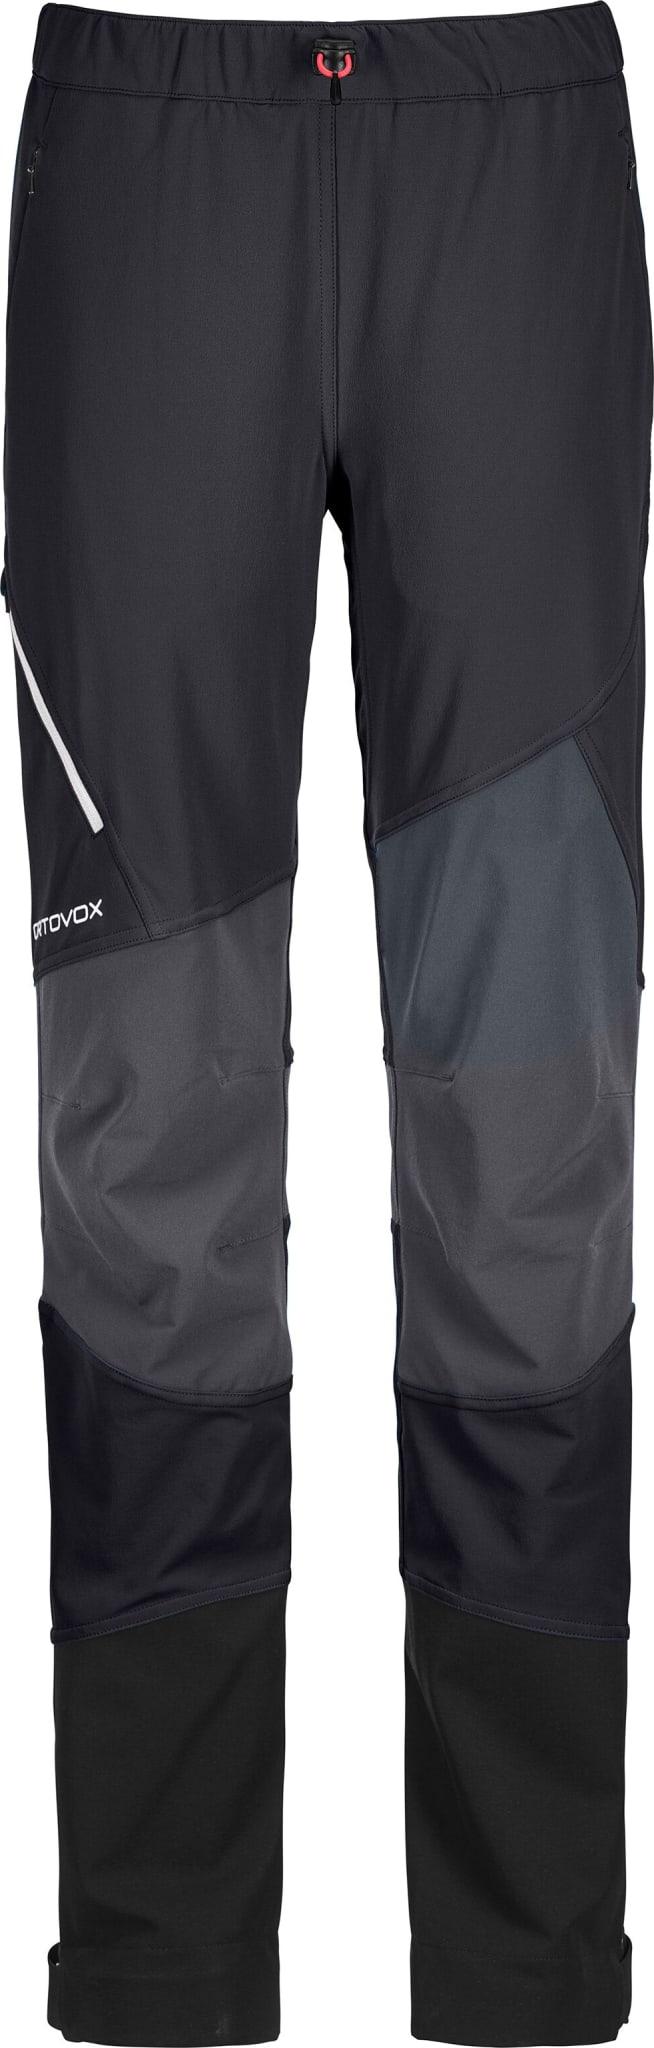 Lett og behagelig bukse for raske toppturer